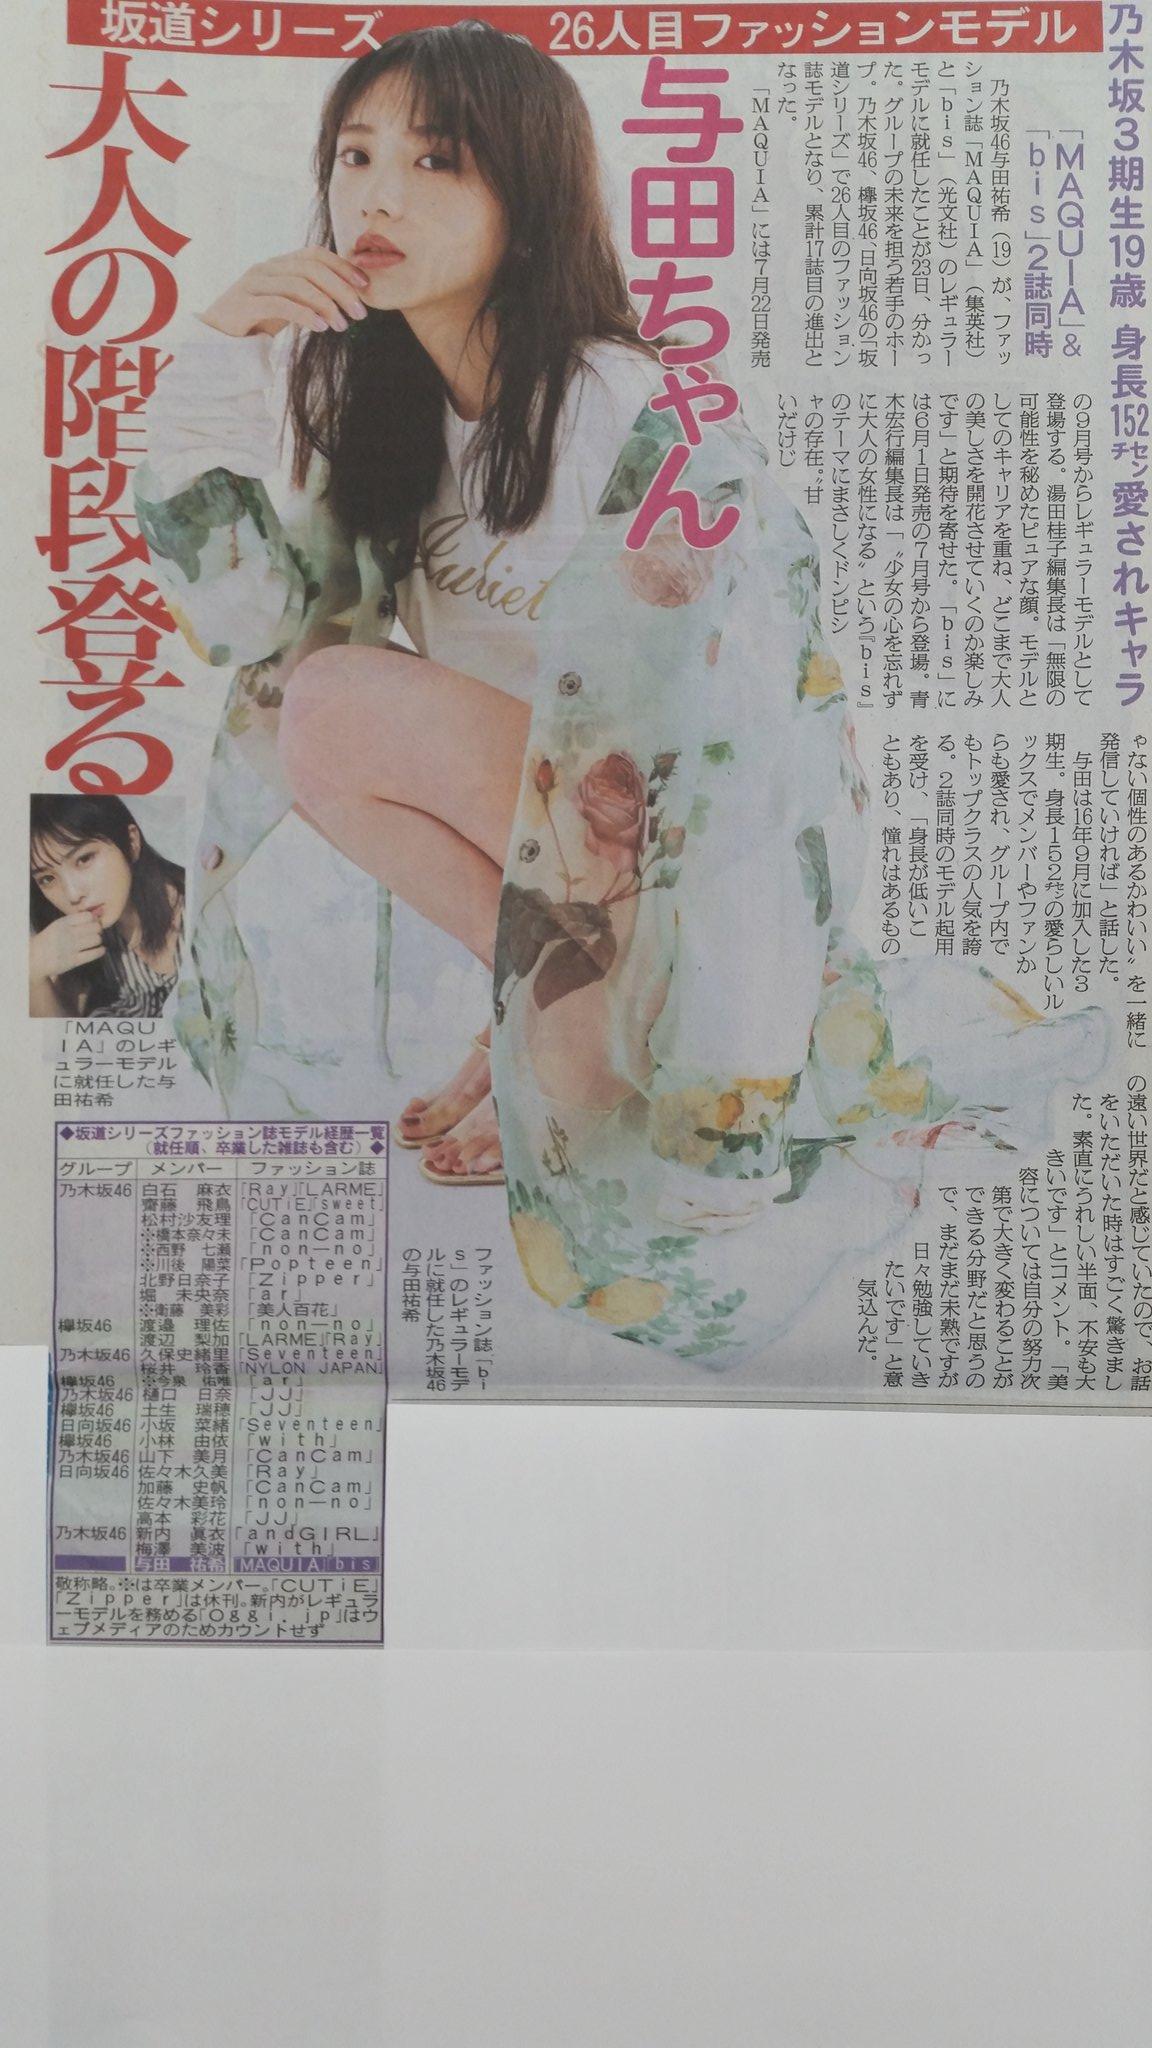 与田祐希 『MAQUIA』『bis』レギュラーモデル